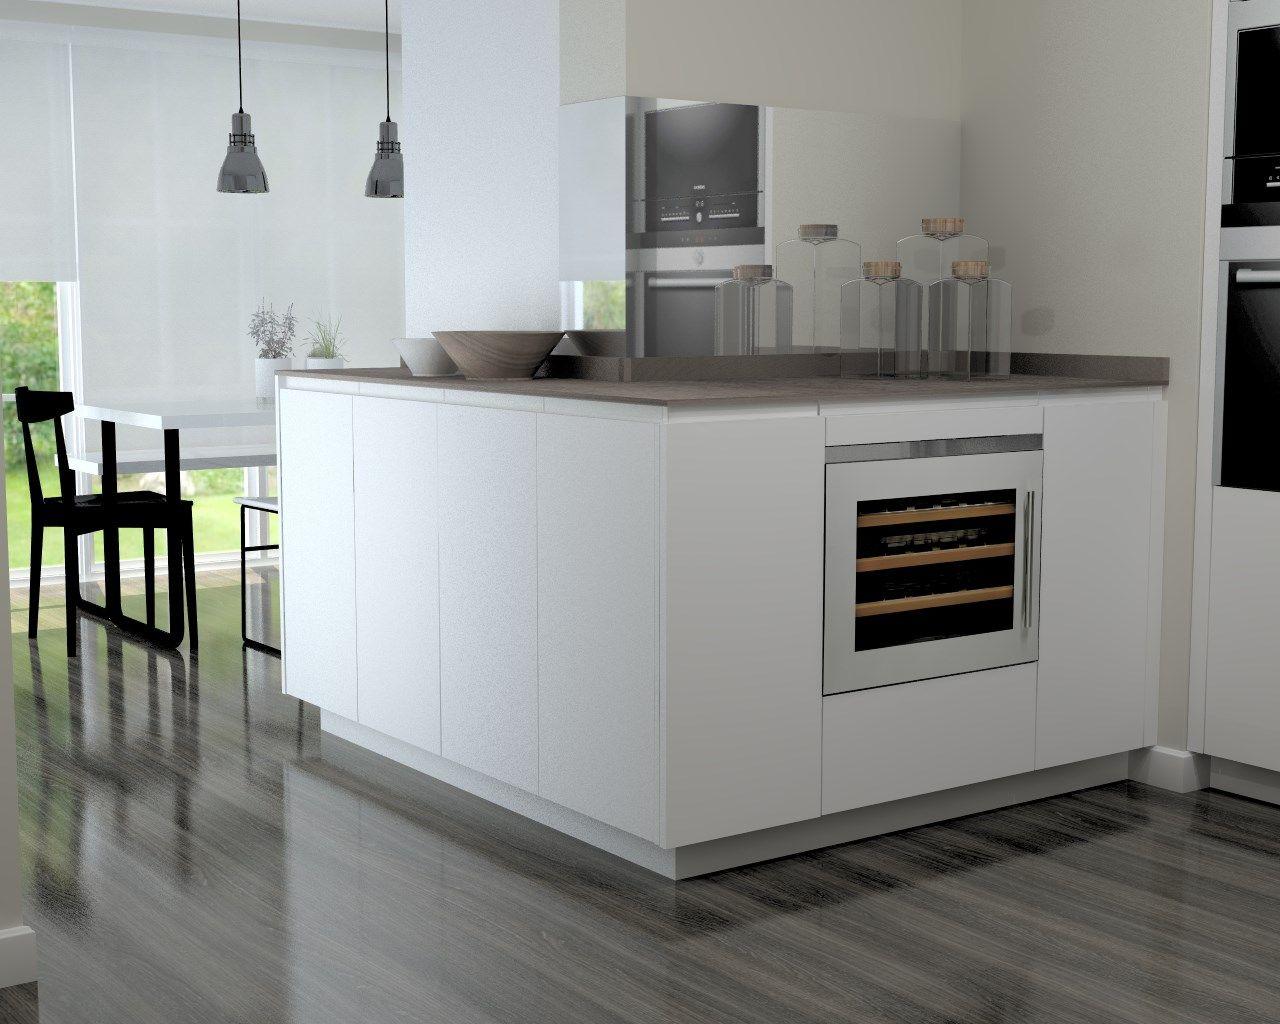 Cocina Santos Modelo Line L Blanco Seda con Encimera